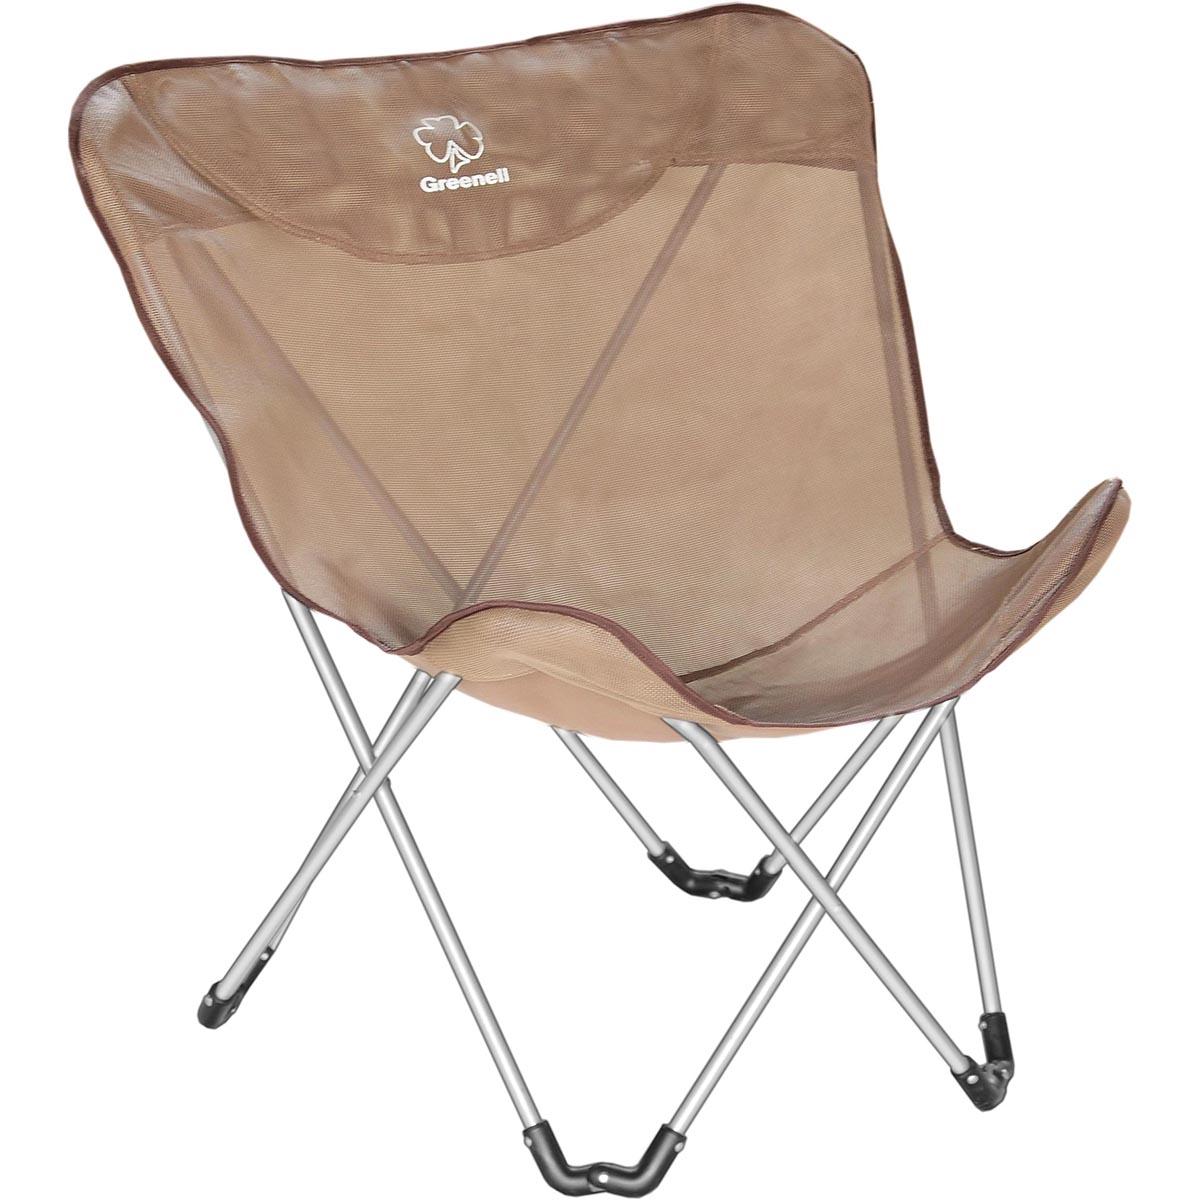 Кресло складное Greenell Баттерфляй FC-14, цвет: коричневый, 120 кг95796-232-00Складное кресло Greenell очень удобно для отдыха на природе, рыбалке, в походе.Кресло хорошо вентилируется.Оно компактно складывается и занимает мало места, а раскладывается как коляска-трость.Материал устойчив к ультафиолету и быстро сохнет.Стальной каркас кресла рассчитан на нагрузку до 120 кг.